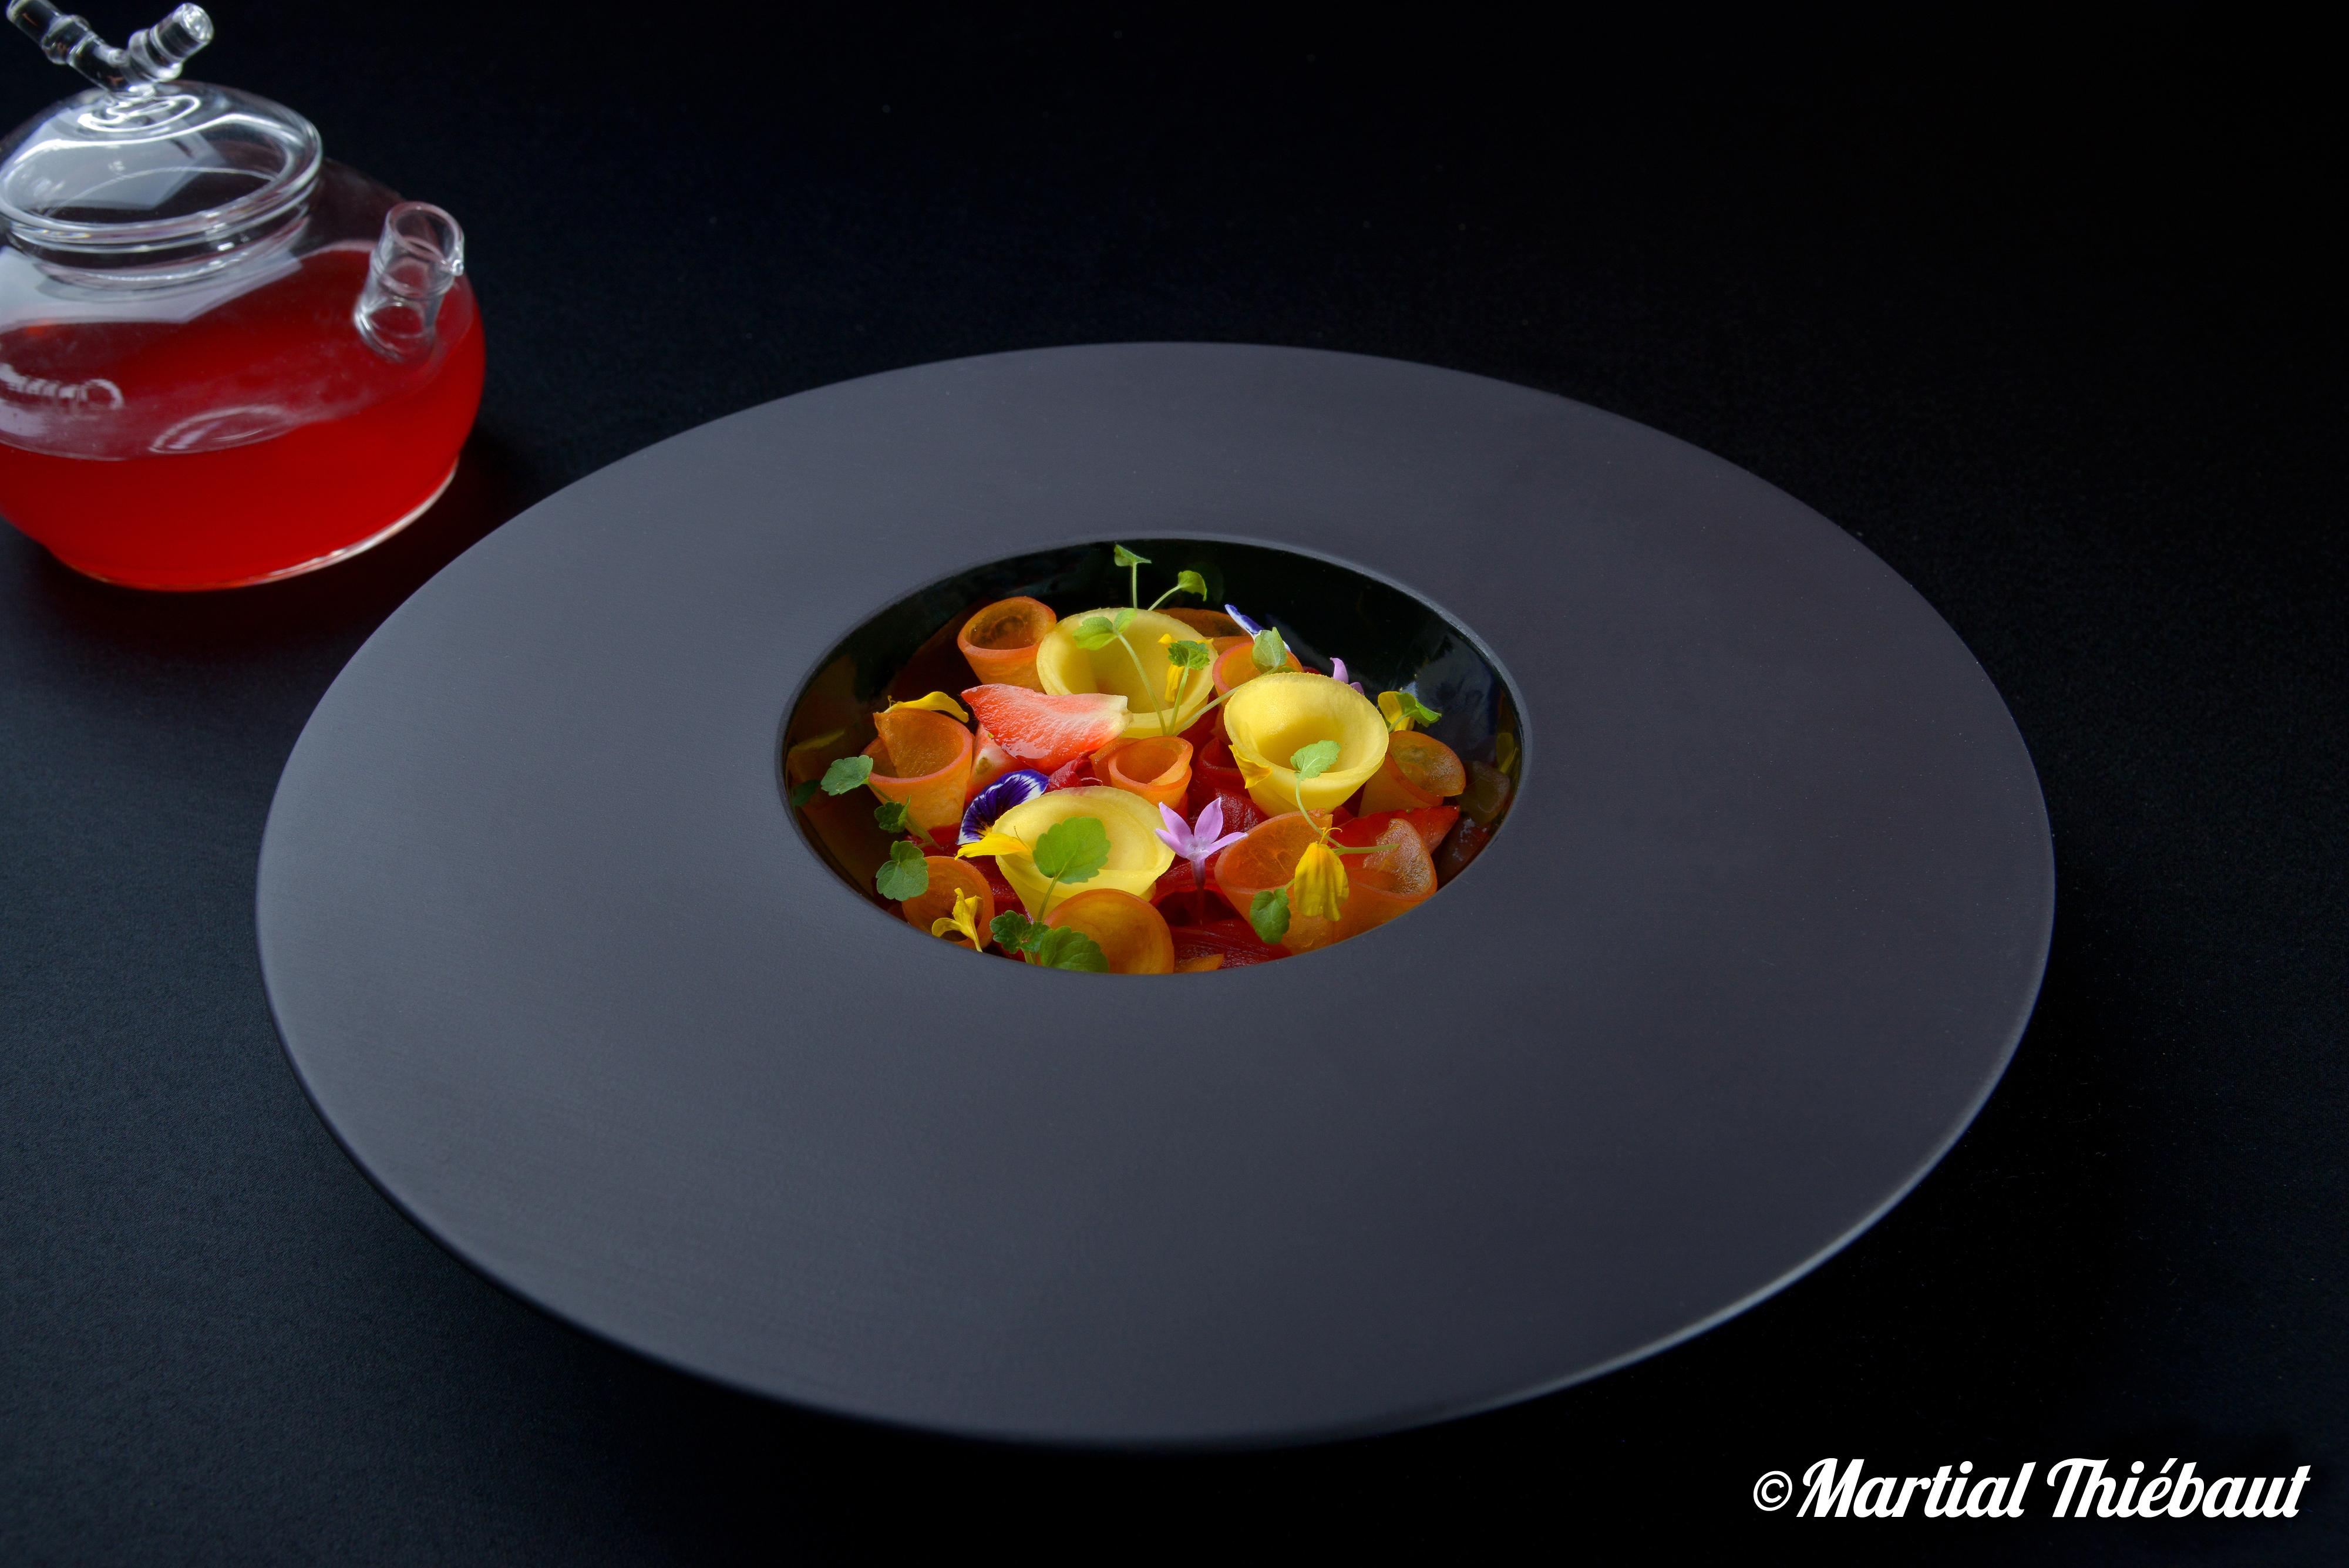 Photographie culinaire - photographe à Aix en Provence - Martial Thiebaut - photo